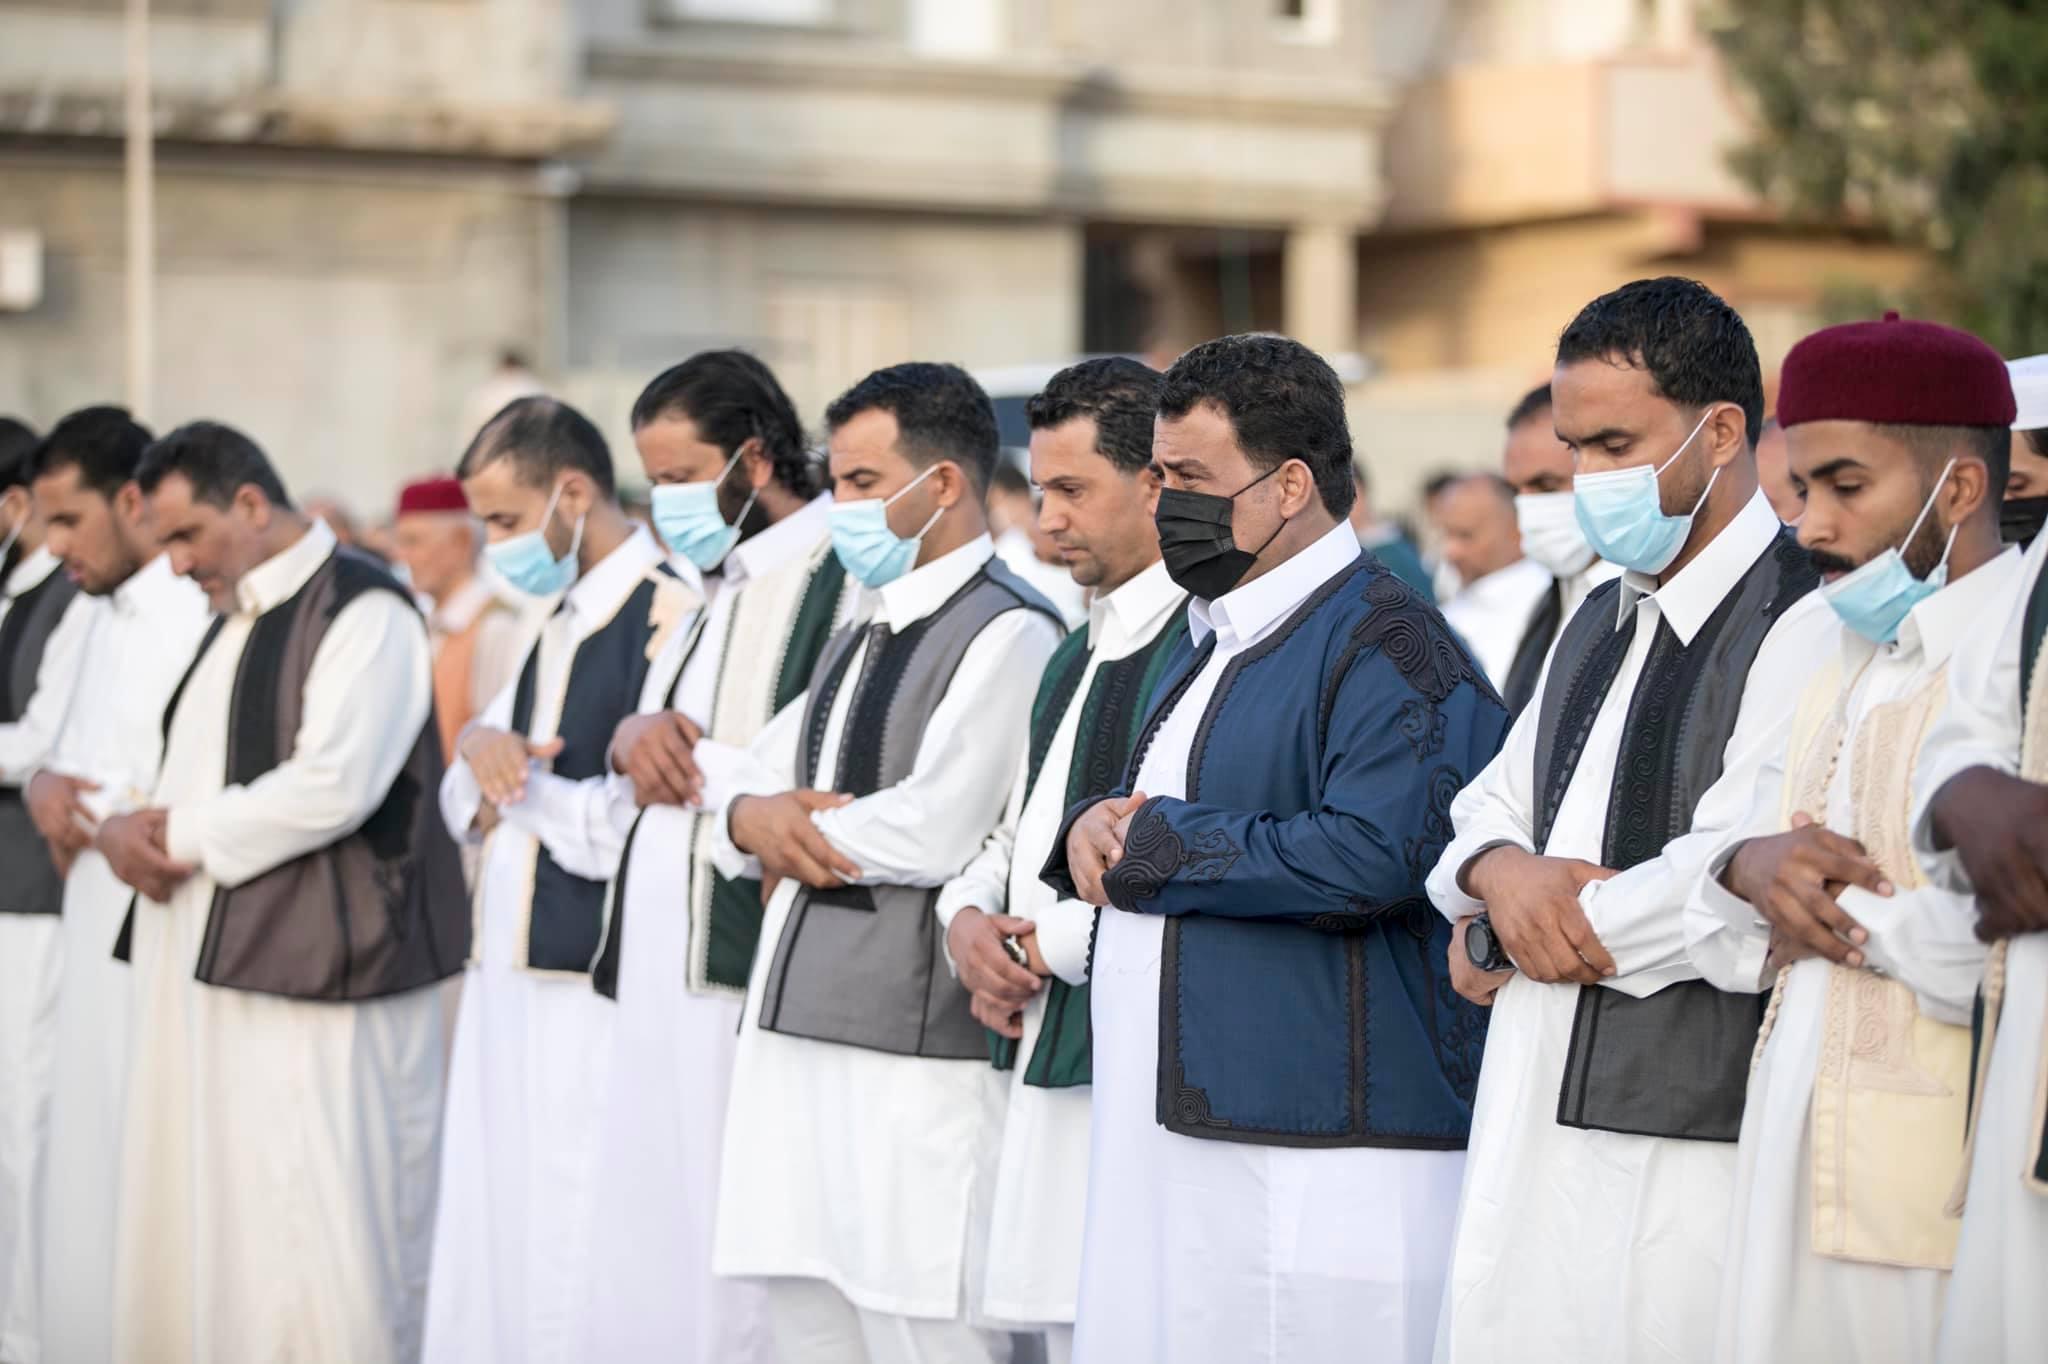 رئيس المجلس الرئاسي يُؤدي صلاة العيد بمدينة طبرق